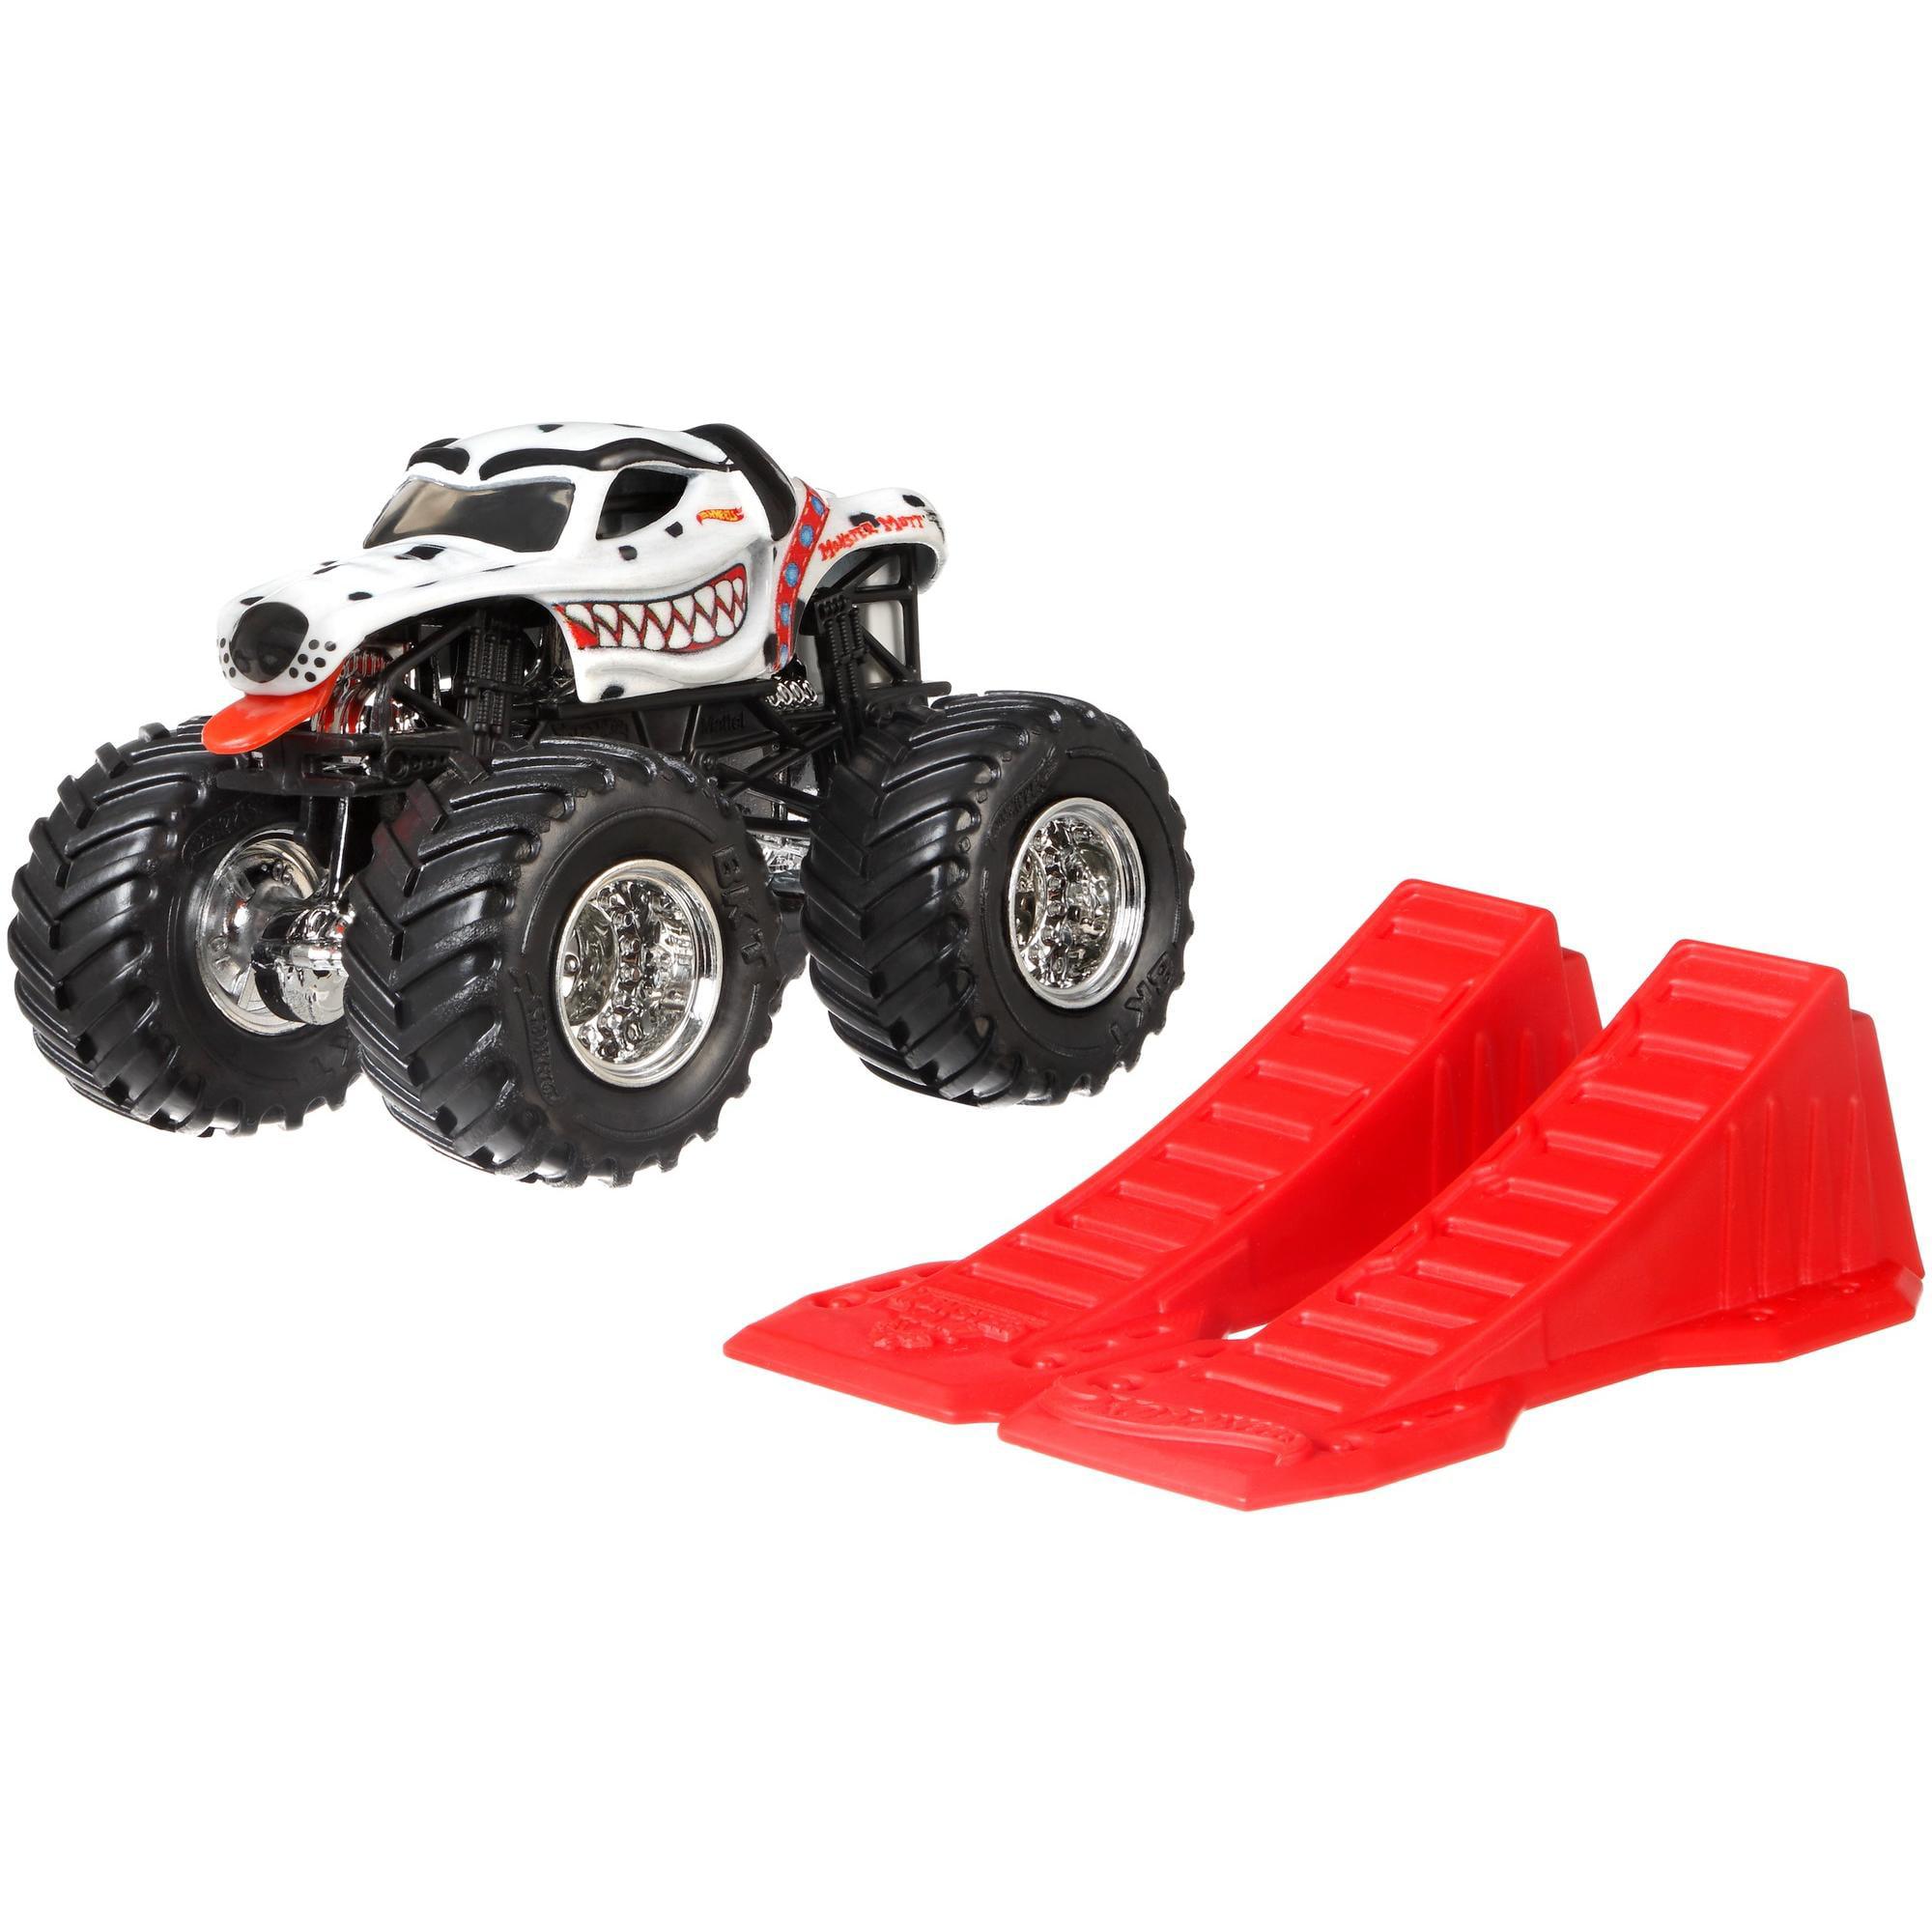 Hot Wheels Monster Jam Monster Mutt Dalmation Vehicle by Mattel